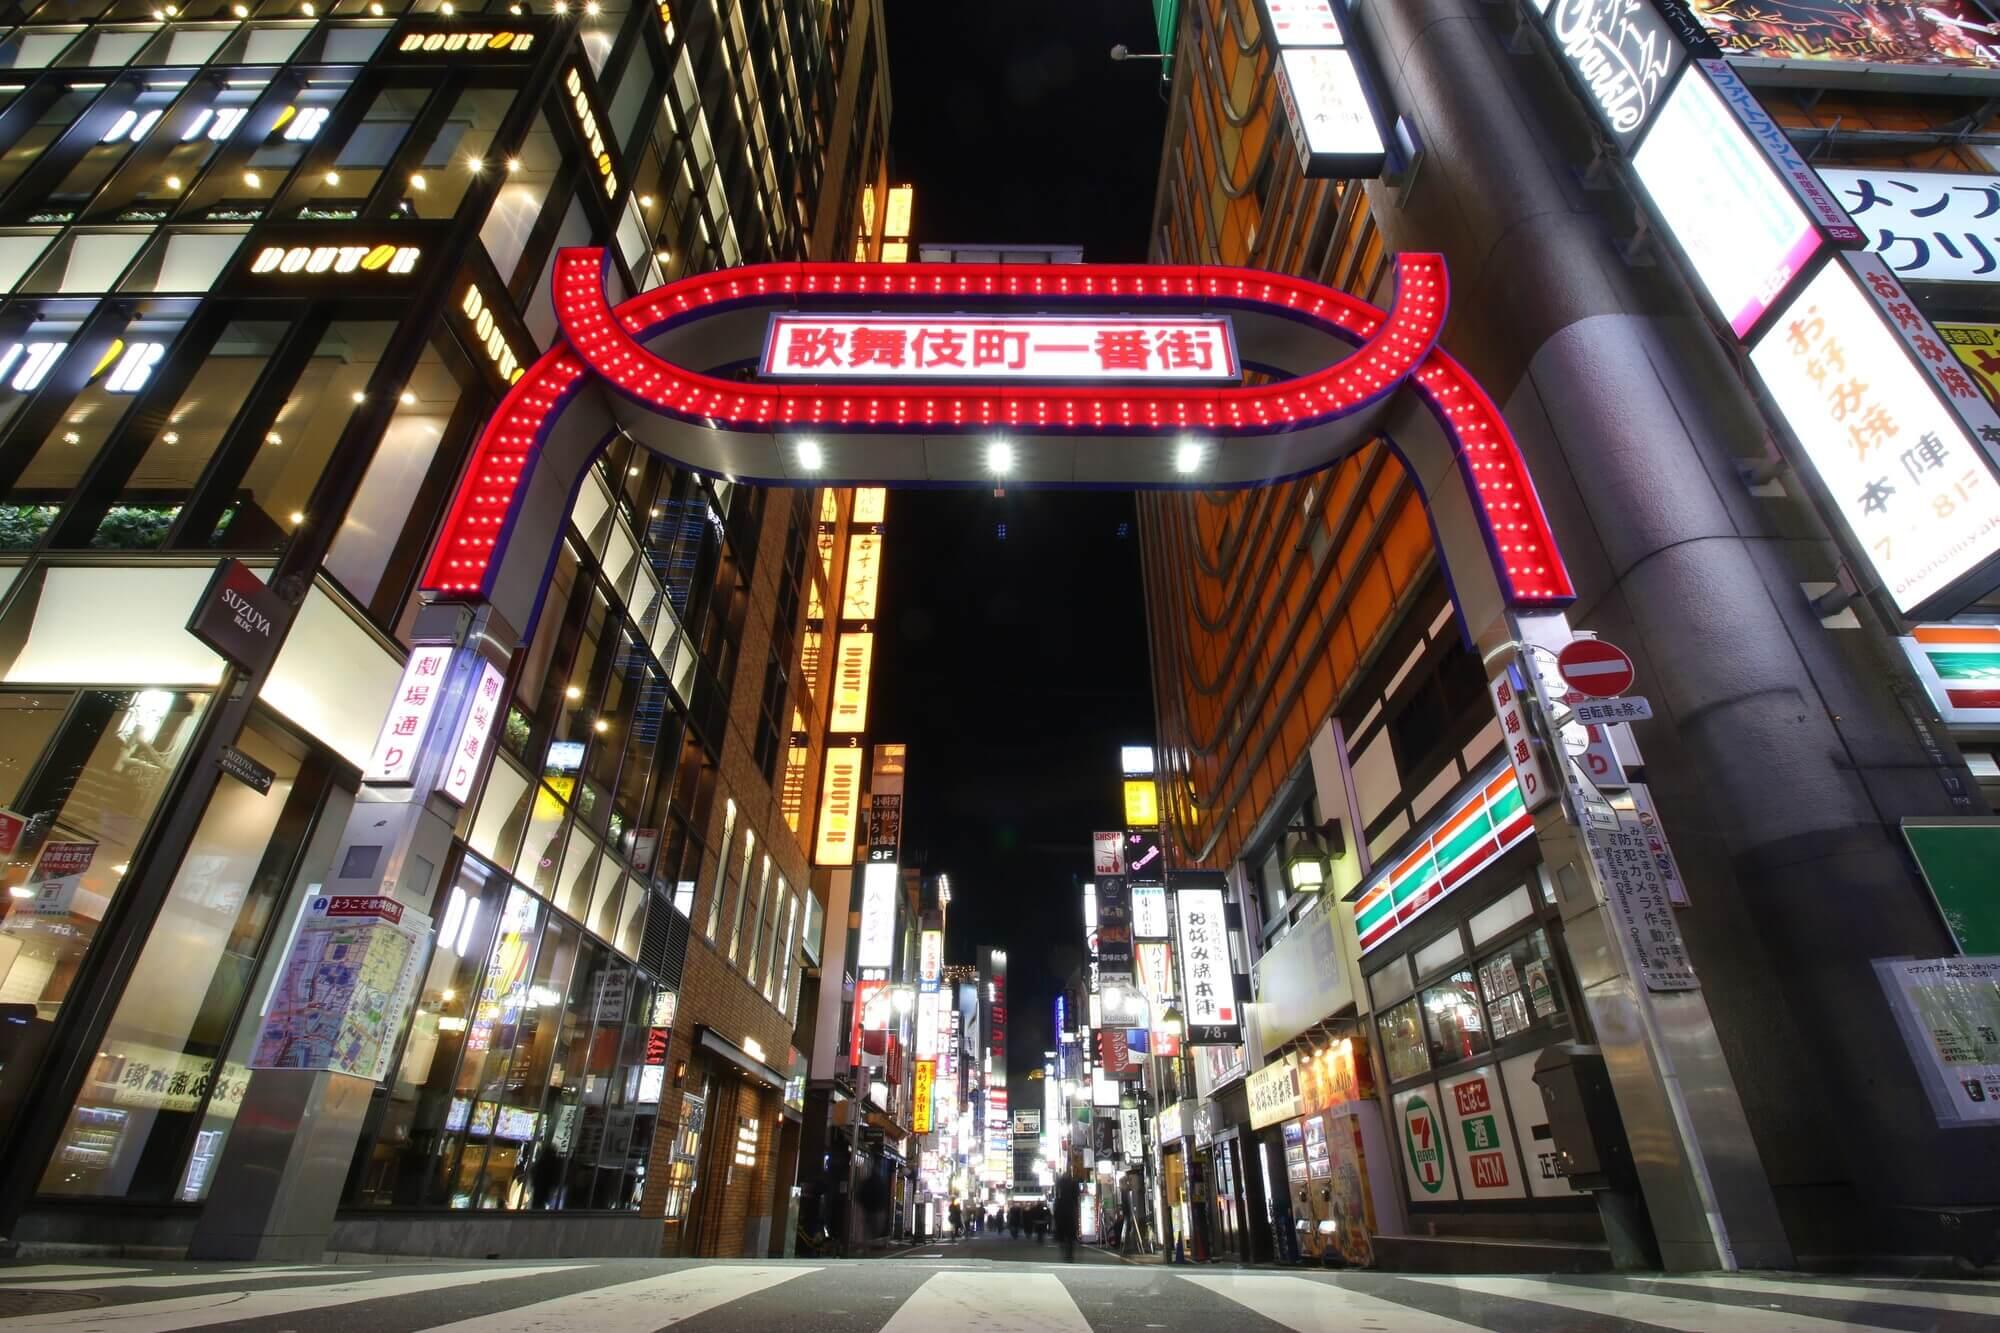 歌舞伎町の現役スカウトマンが大暴露! 「ホストで成功する人」の2つの条件とは?